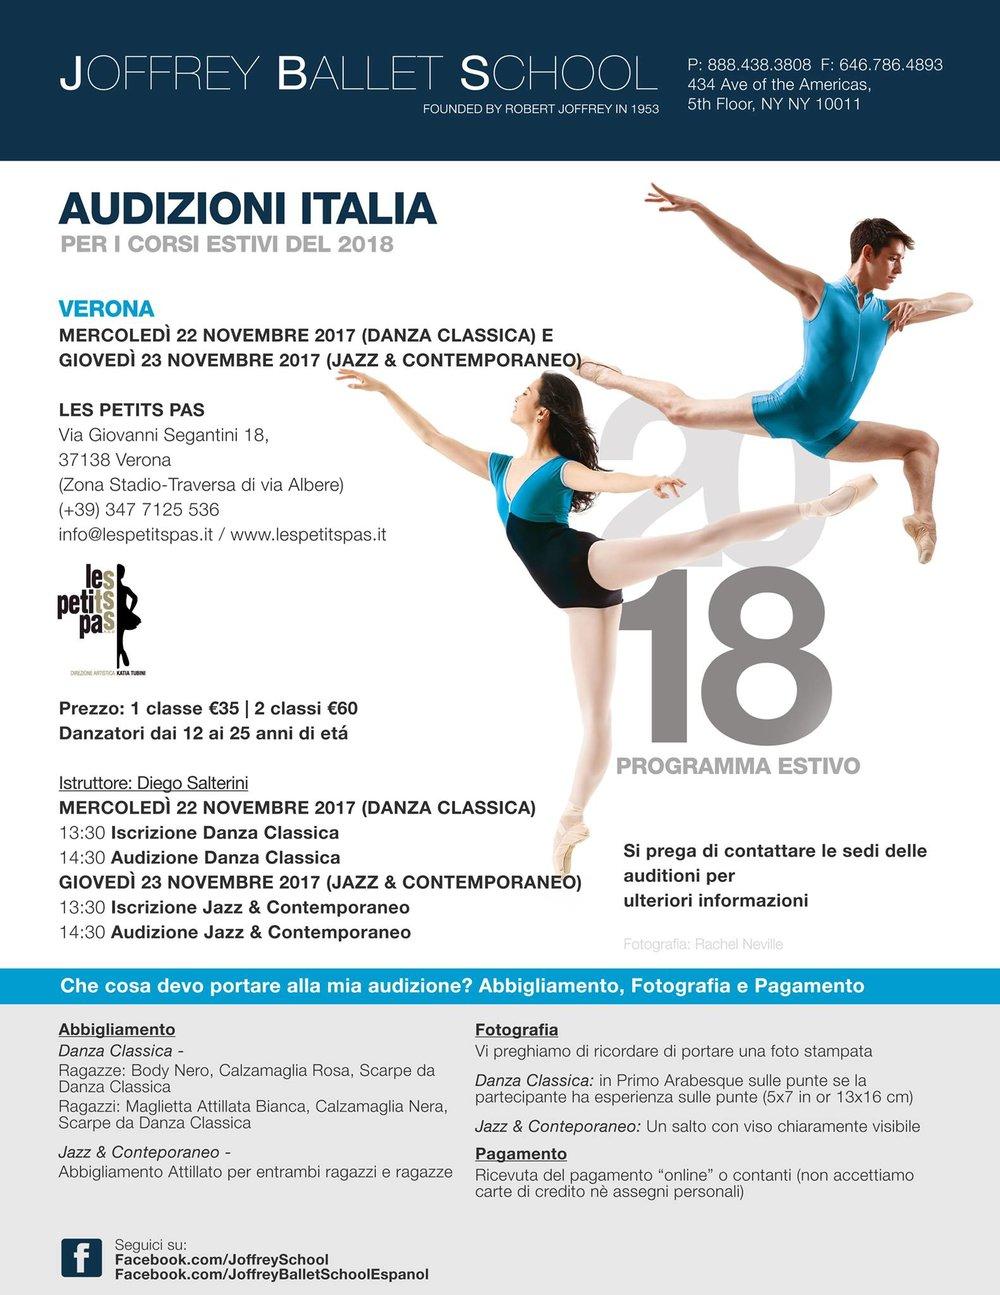 verona_danza_joffrey_ballet_school_les_petits_pas